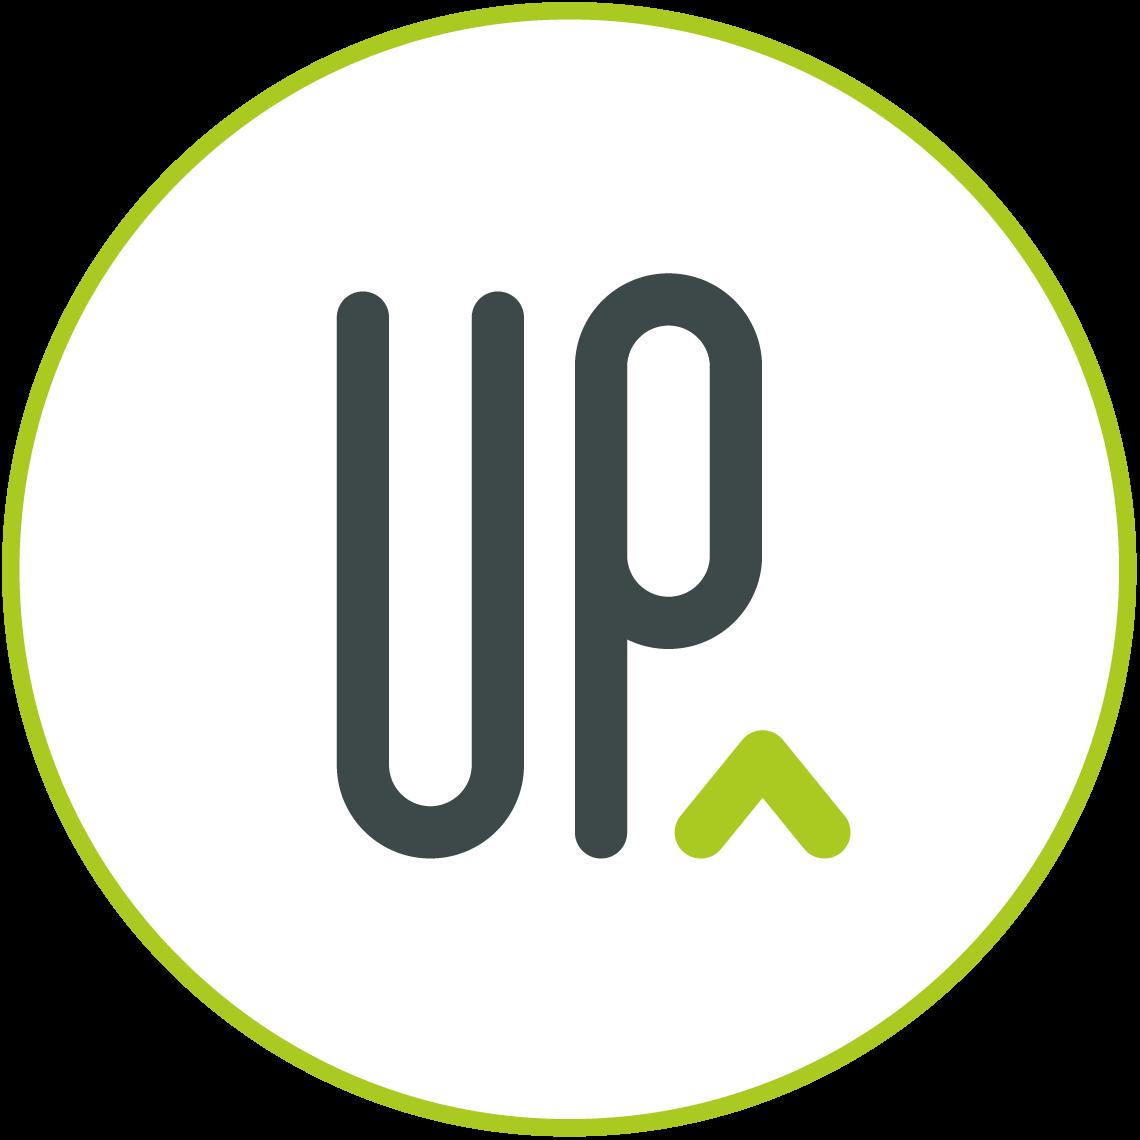 UP – Konzept. Design. Handgedacht.